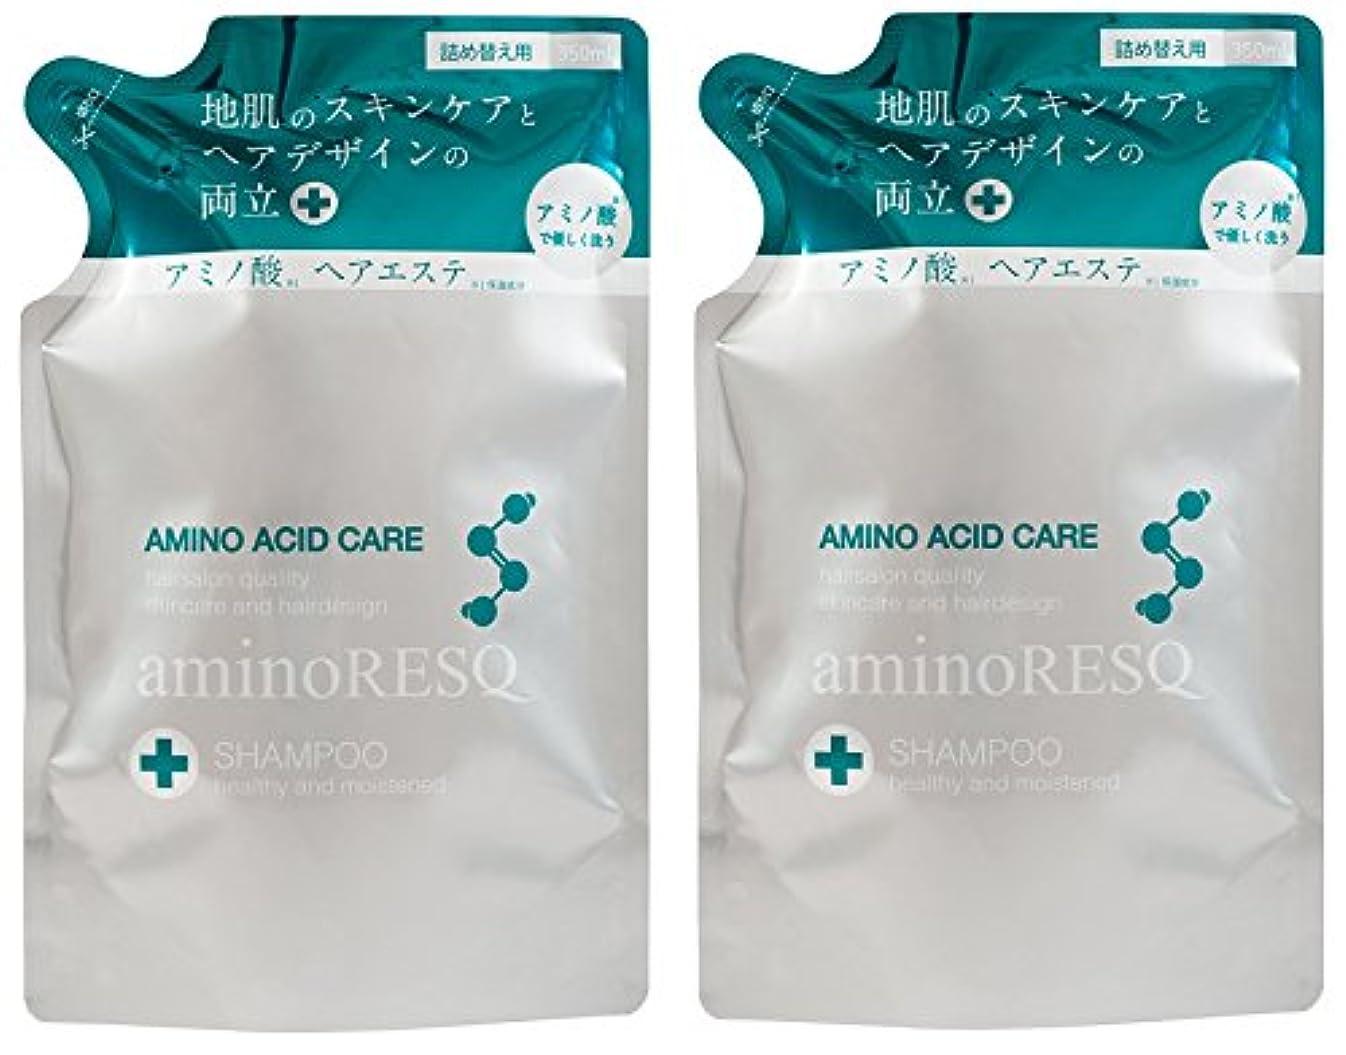 ルート乱れコマース【2個セット】aminoRESQ アミノレスキュー シャンプー詰替